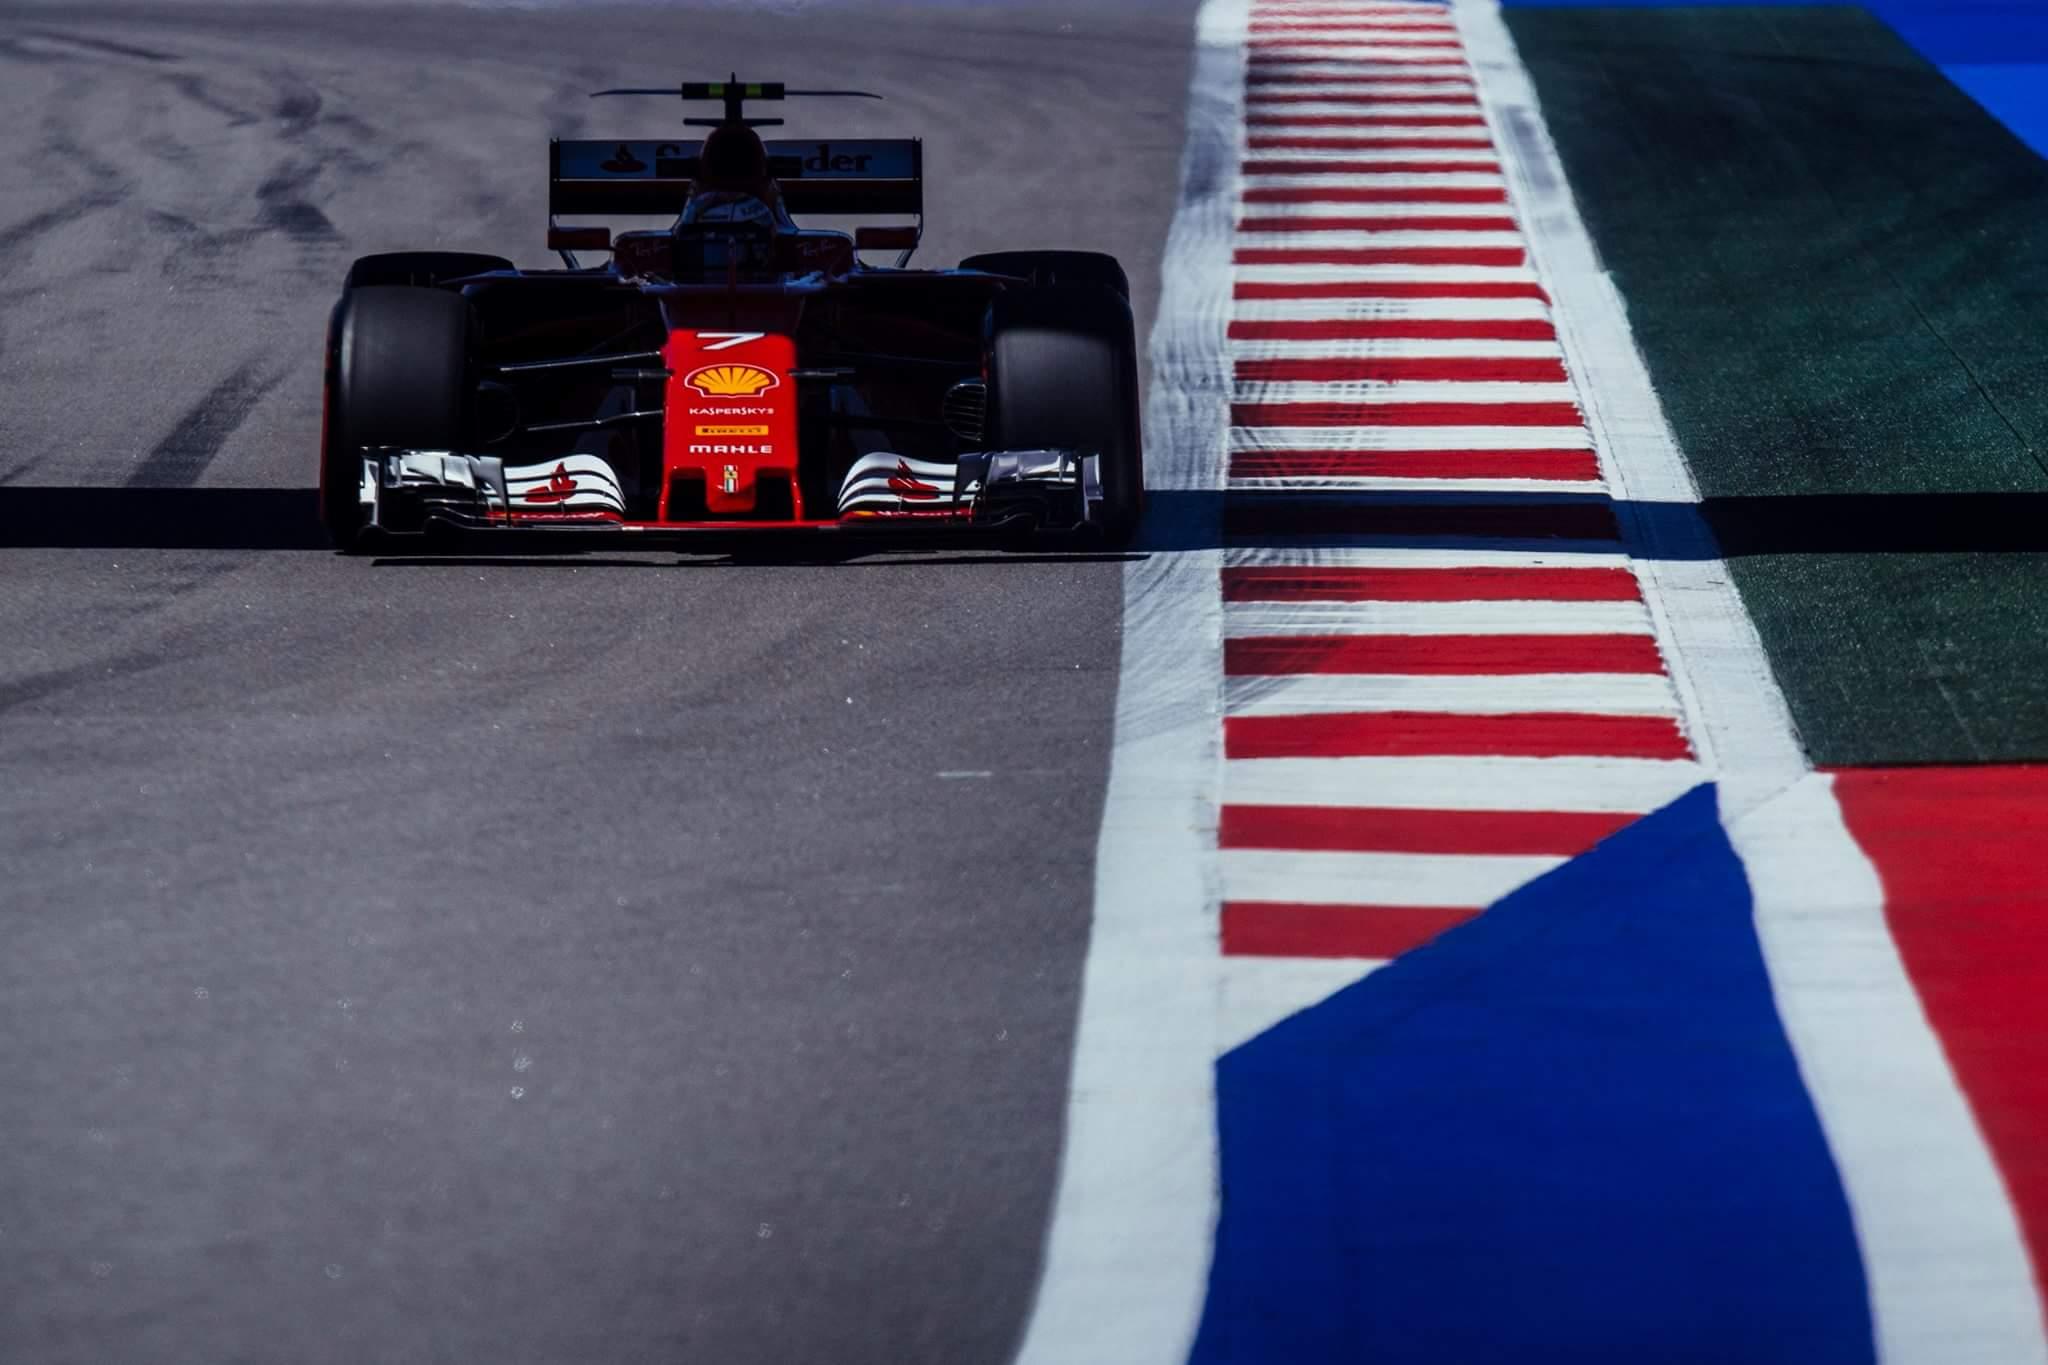 F1 2017 Russian Grand Prix - Free Practice 2